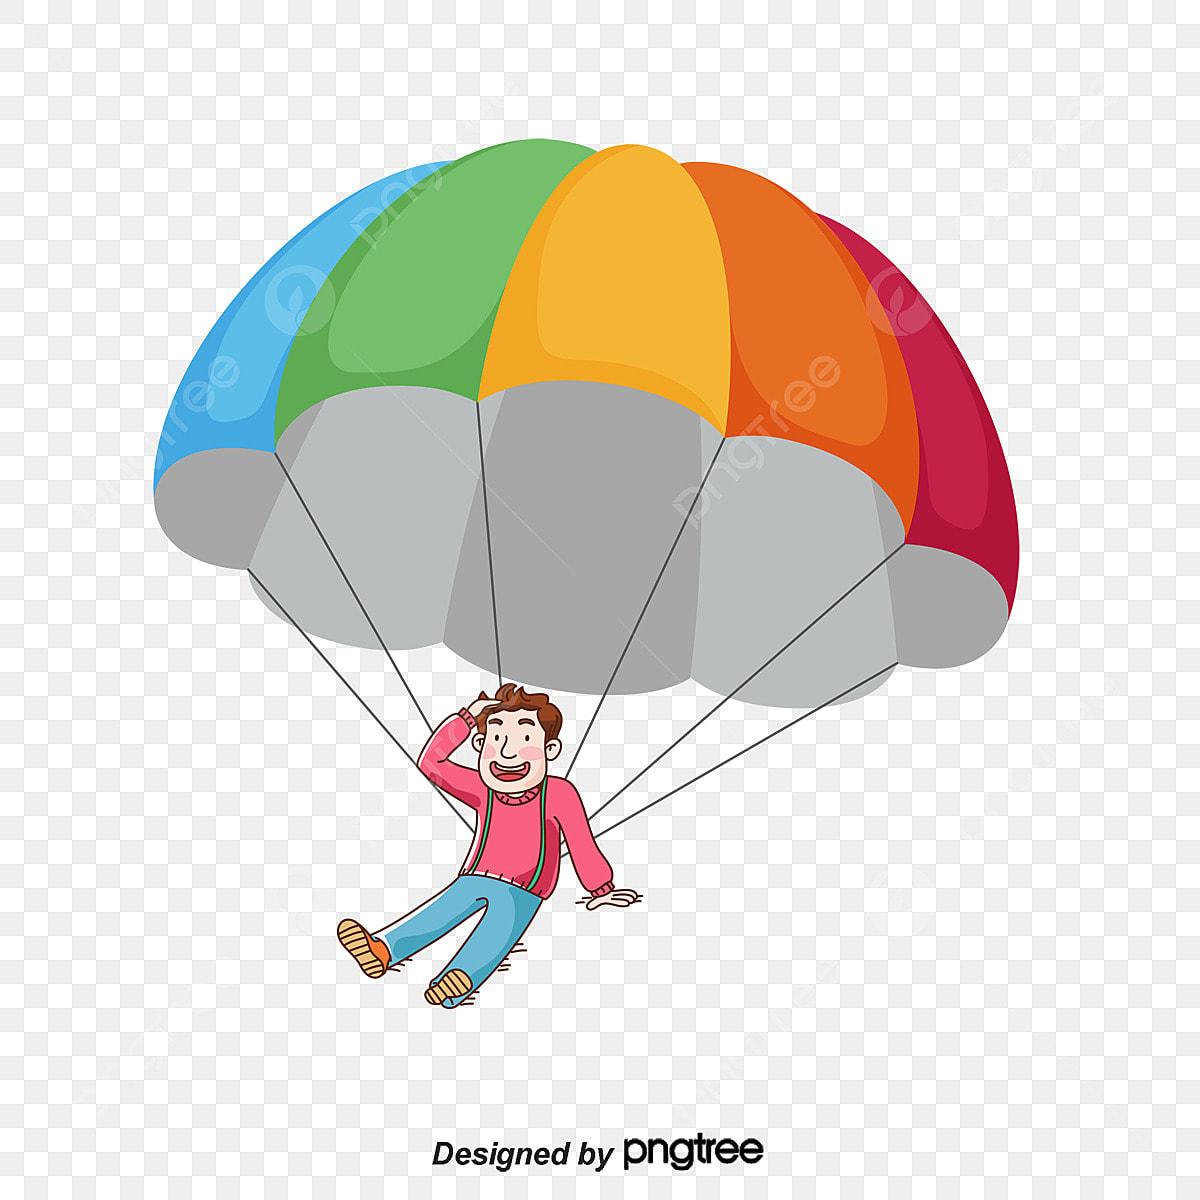 le gar u00e7on le gar u00e7on graphique vectoriel parachutisme png